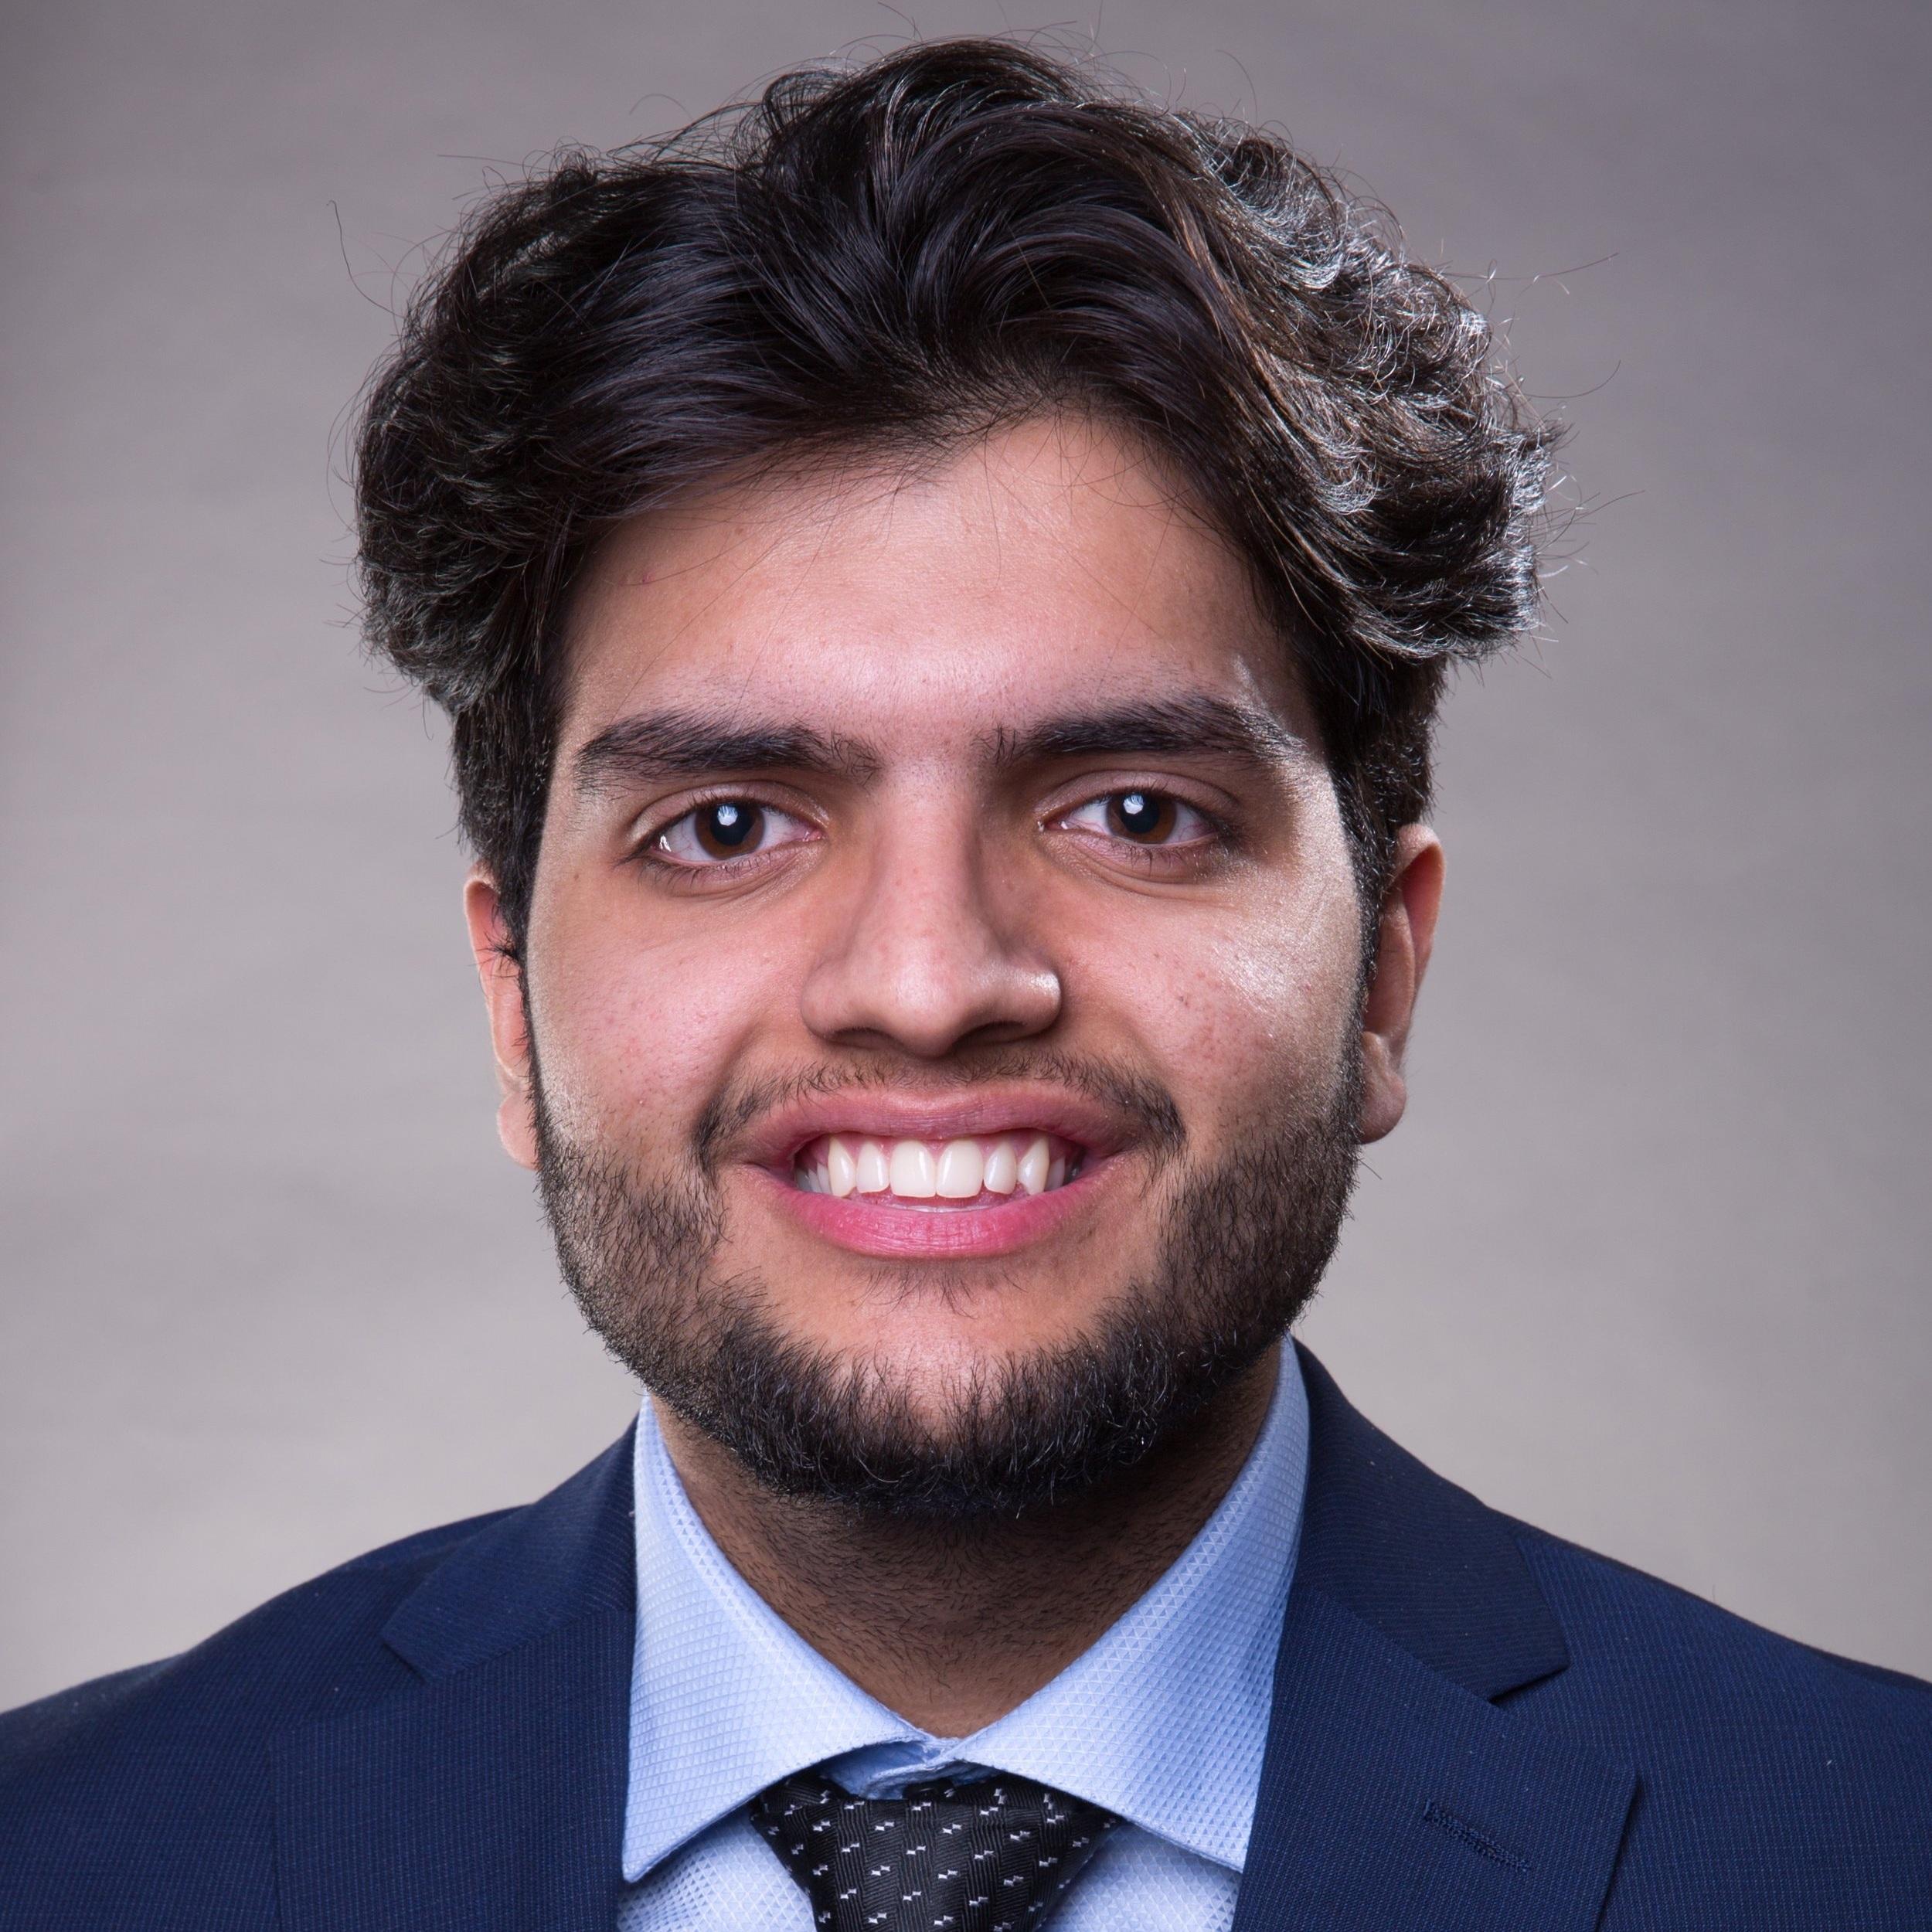 LinkedIN profilepic - Saad Razzaq.jpg